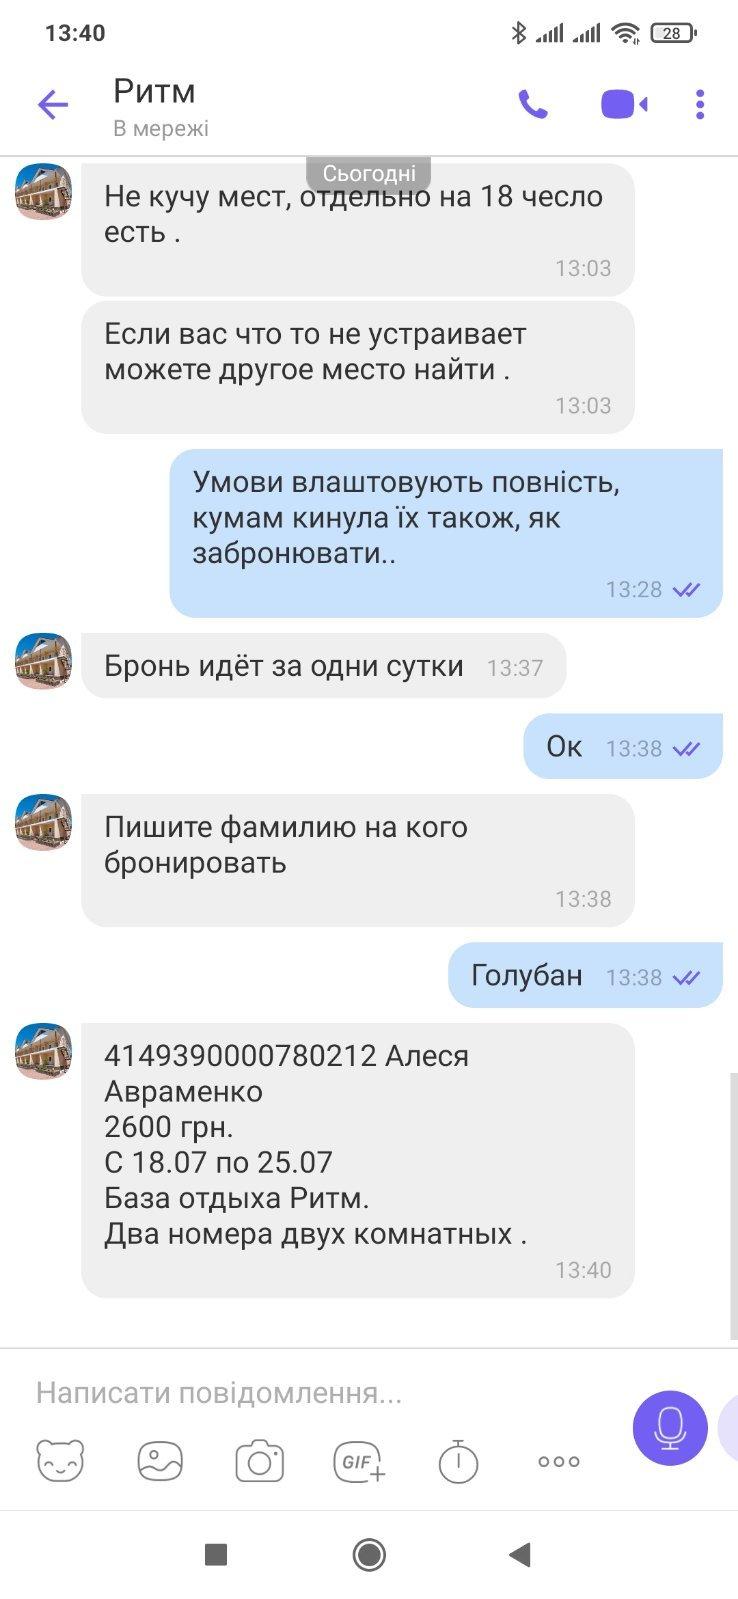 На OLX и Инстаграм активизировались мошенники, обманывающие туристов, публикуя фейковые объявления о сдаче жилья на море